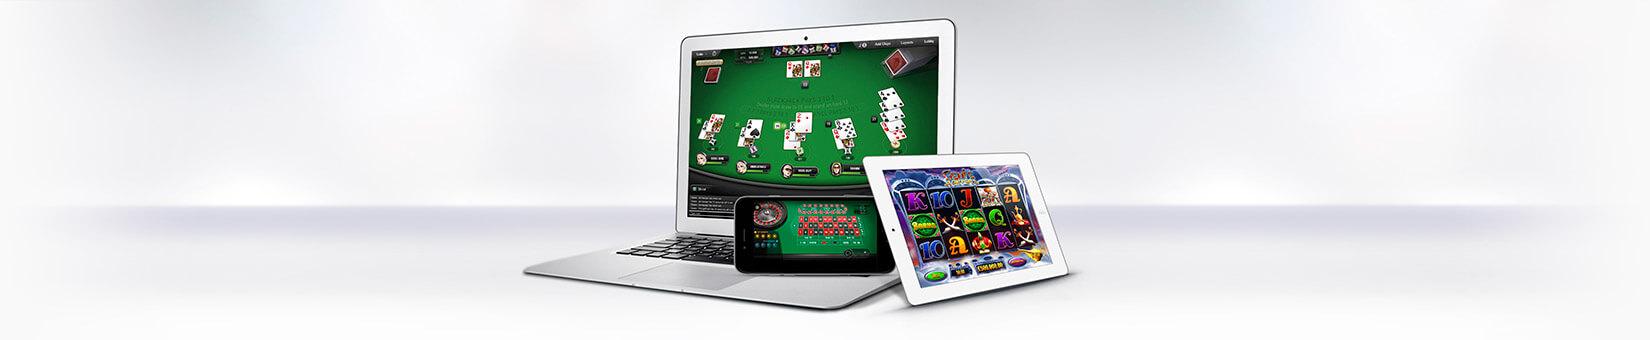 Pokerstars Casino - 961676